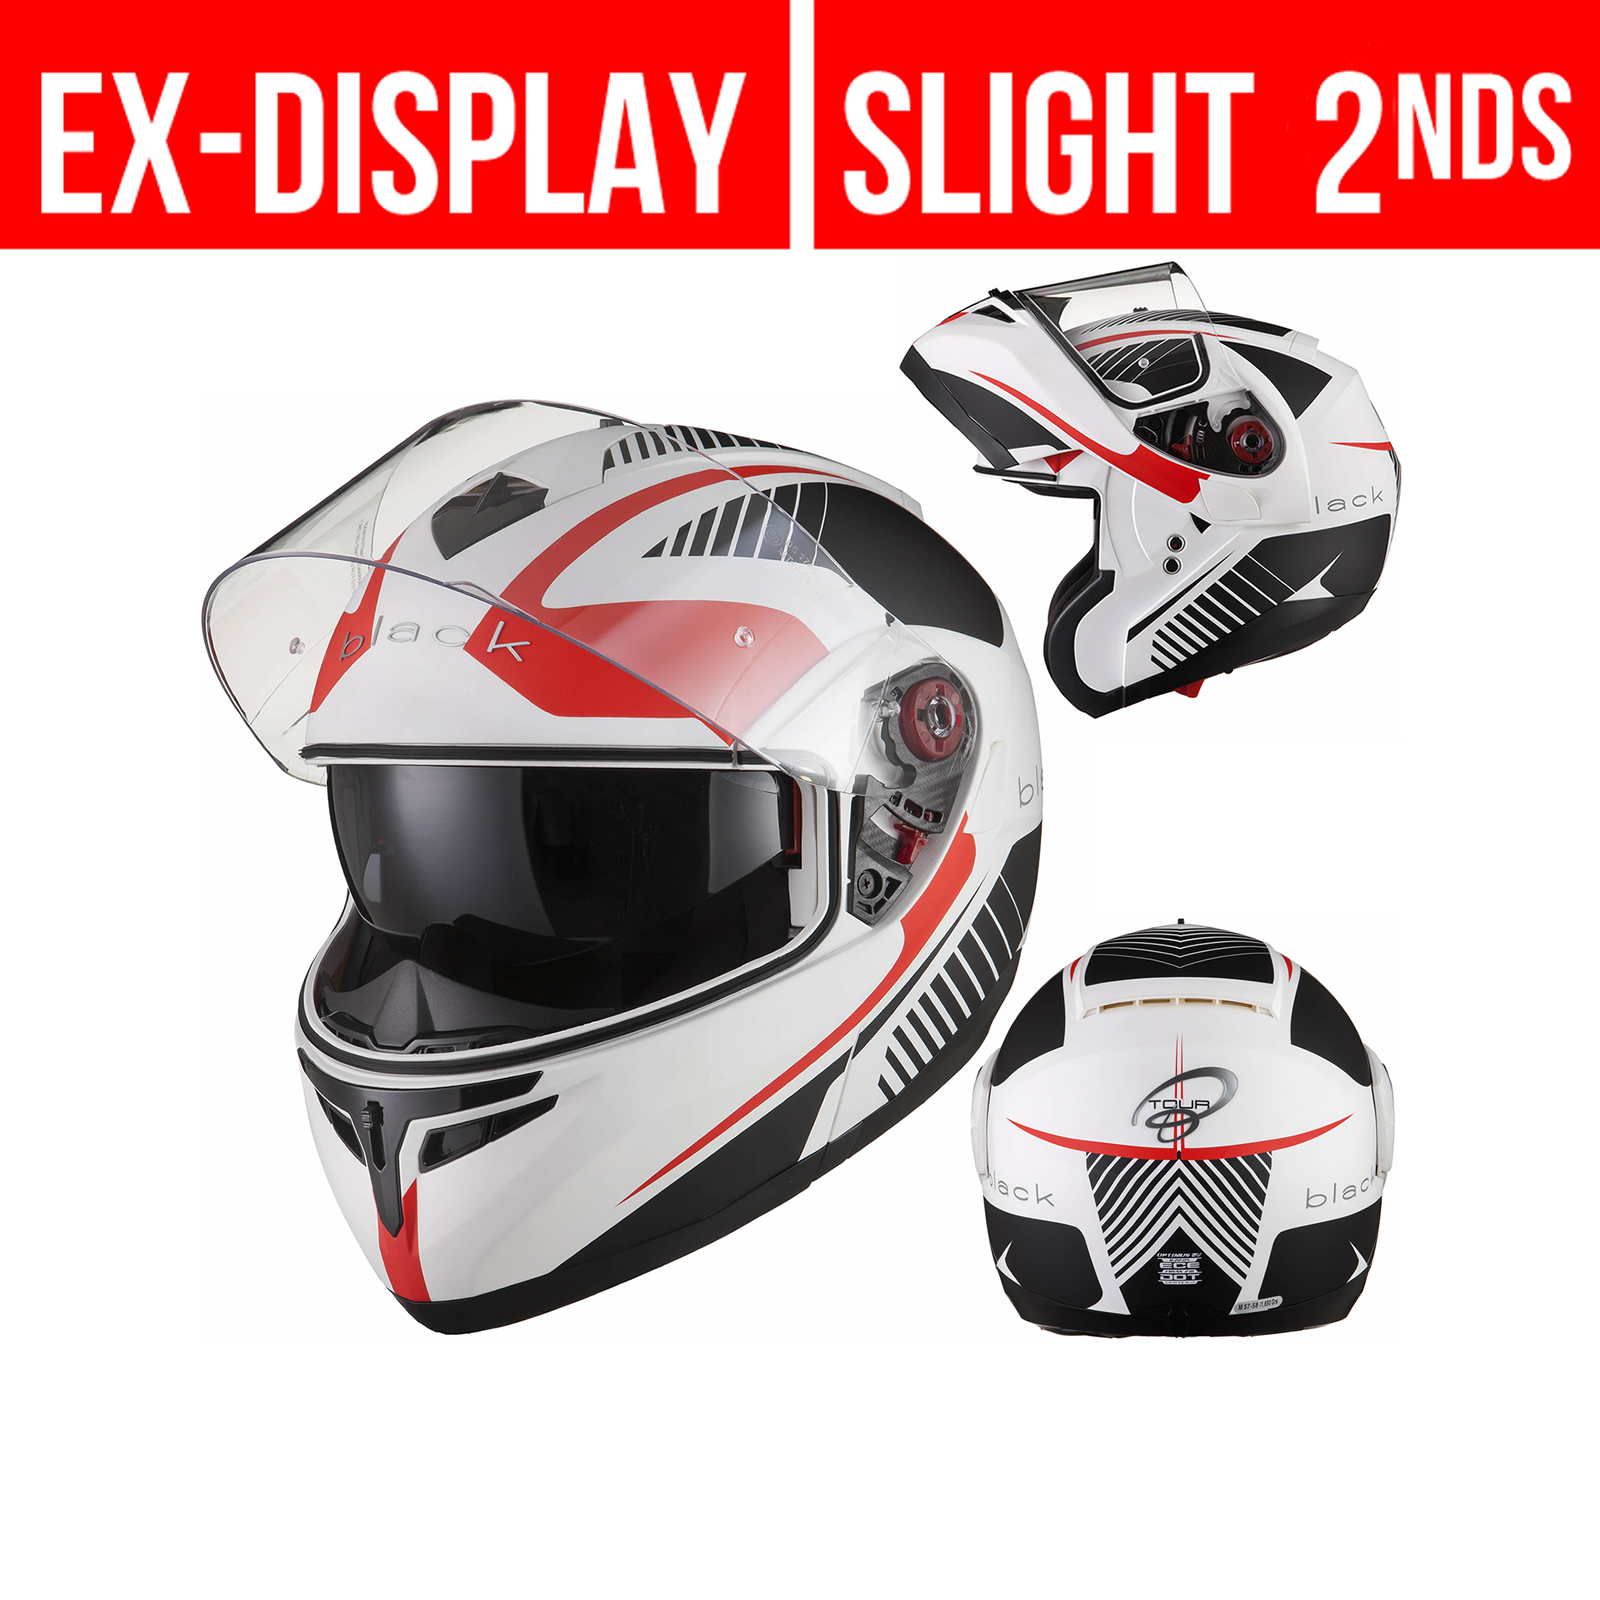 Zoan Optimus Eclipse Orange Modular Flip Up Motorcycle Riding Touring Helmet